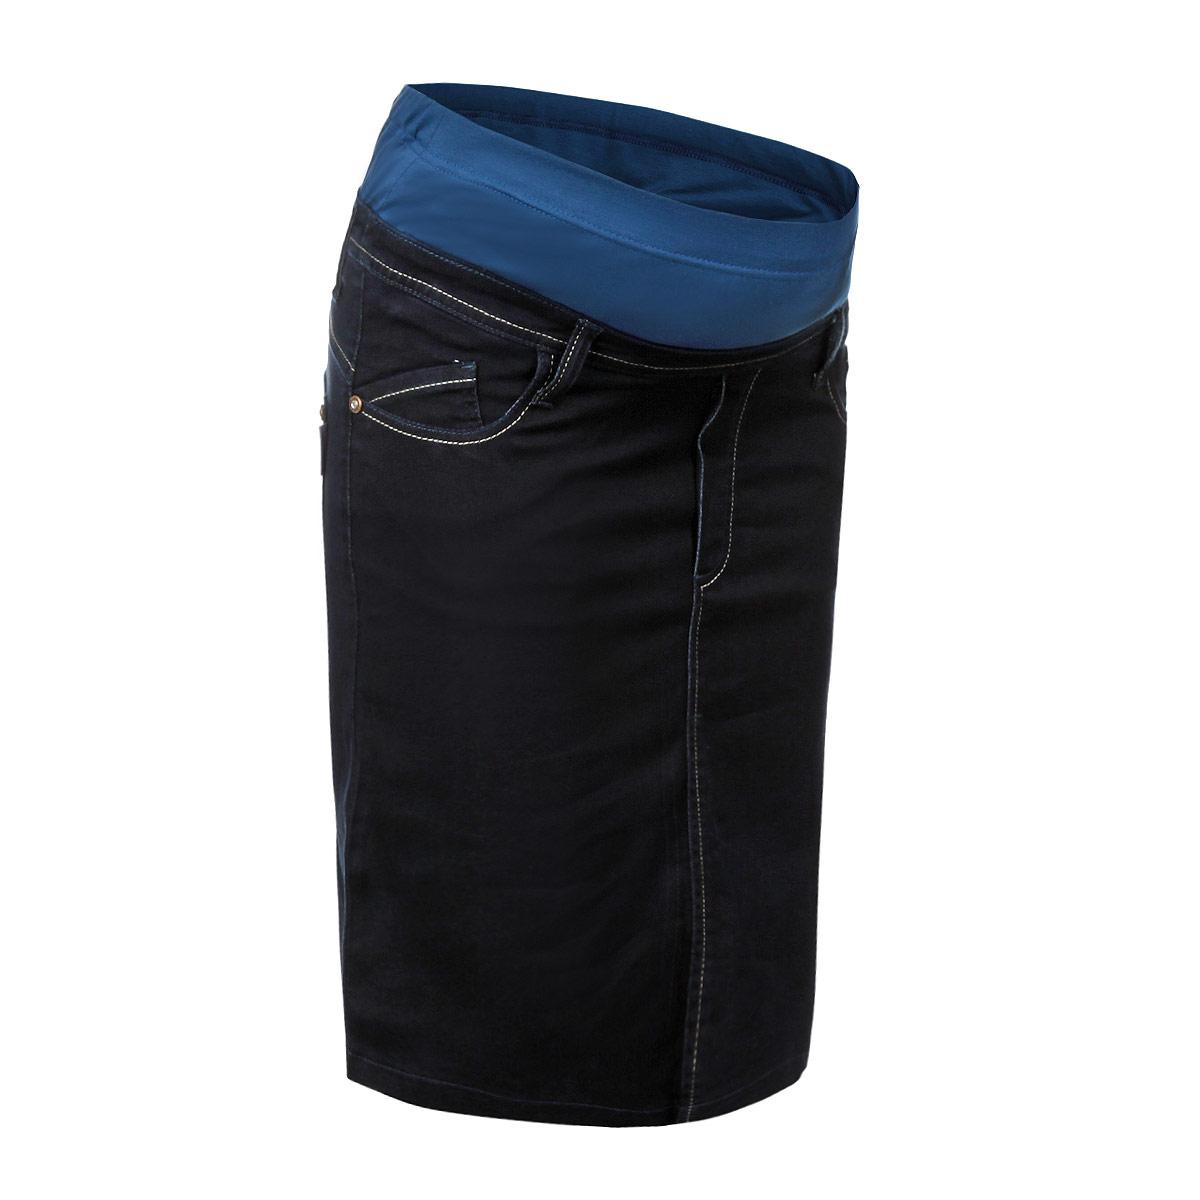 Юбка для беременных Nuova Vita, цвет: темно-синий. 6604.1. Размер 426604.1Очень удобная джинсовая юбка для беременных Nuova Vita с бандажом под живот, изготовленная из эластичного хлопка, придает женщине элегантность и индивидуальность. Юбка прямого силуэта имеет спереди - два втачных кармана и два маленьких накладных кармашка, а сзади - два накладных кармана. Сзади юбки небольшая шлица. Имеются шлевки для ремня и имитация ширинки. Бандаж из стрейч-ткани поддерживает живот и уменьшает нагрузку на поясницу, с внутренней стороны регулируется эластичной резинкой на пуговице.Идеальная посадка, длинна до колен, прекрасный выбор для стильных женщин в качестве повседневной одежды. Создавайте ваш неповторимый образ, комбинируя юбку с блузами и туниками!